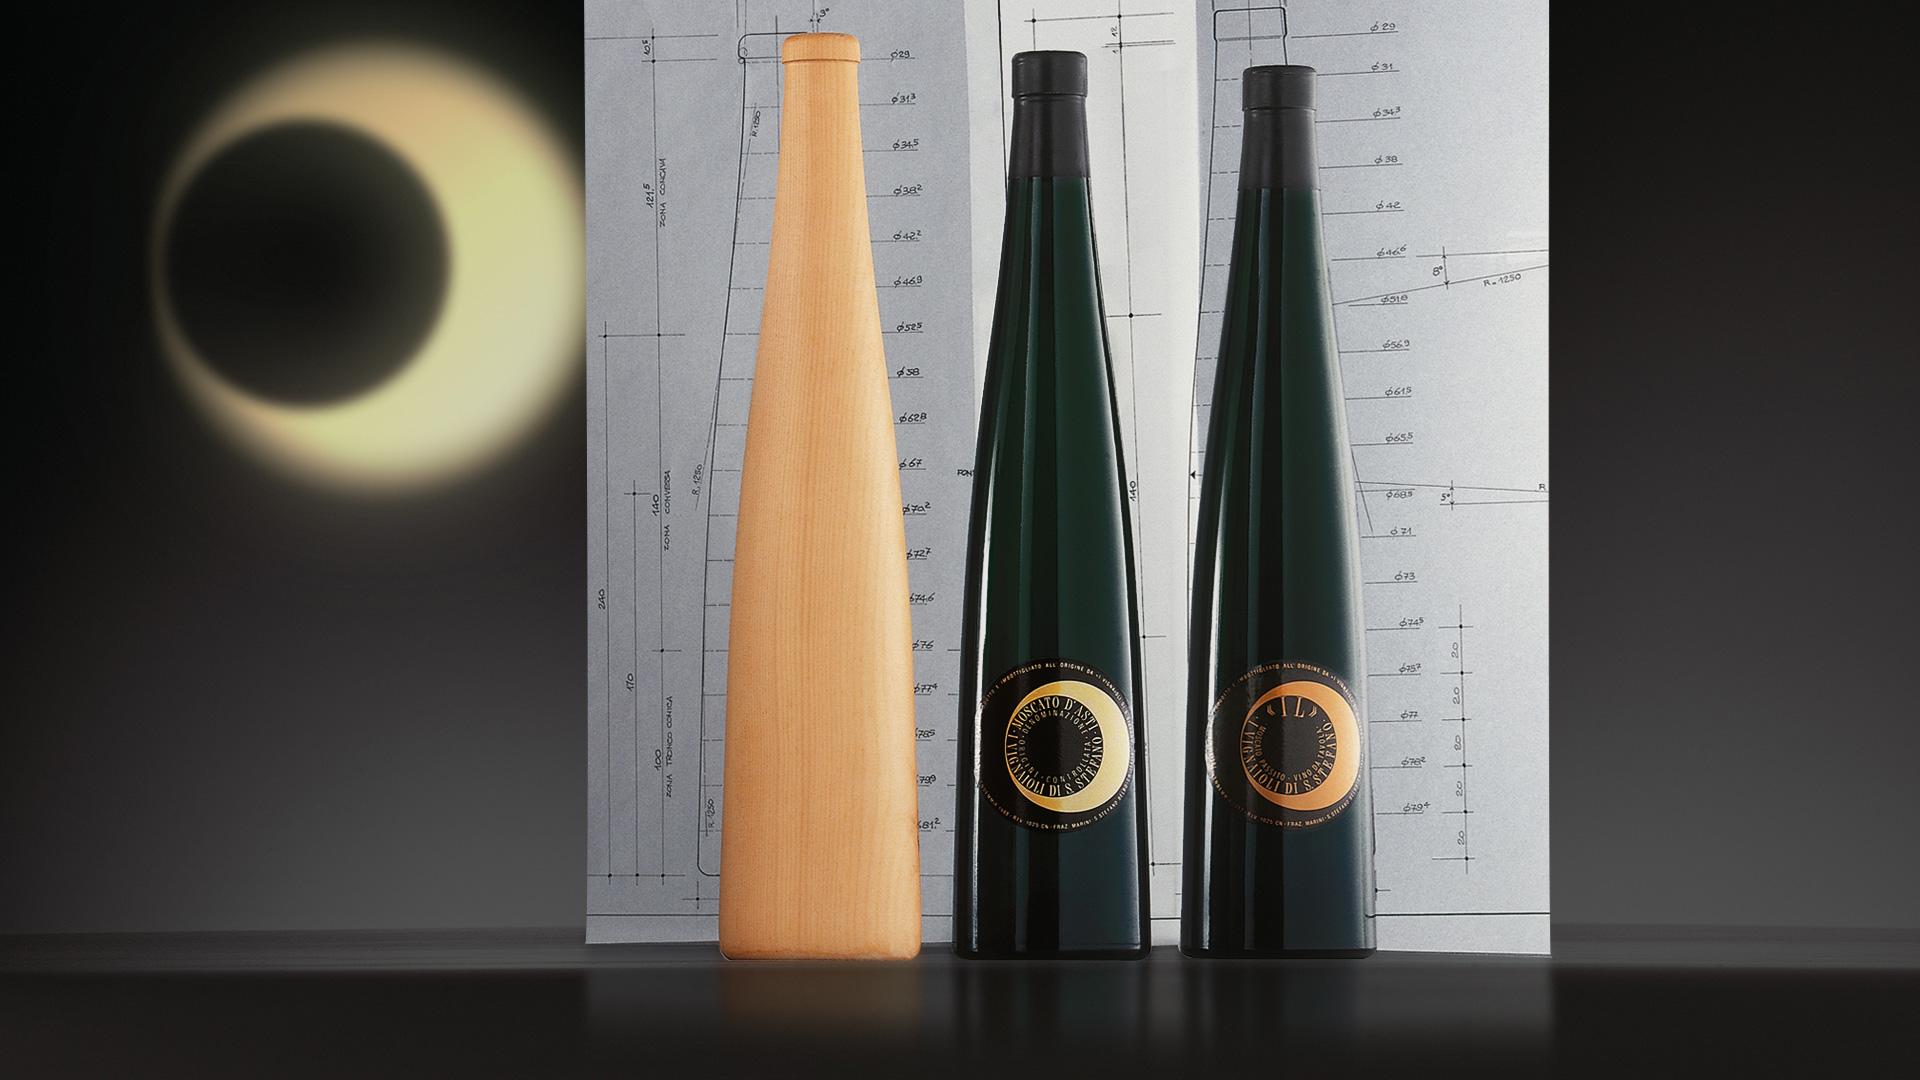 Vignaioli di Santo Strafano bottle design